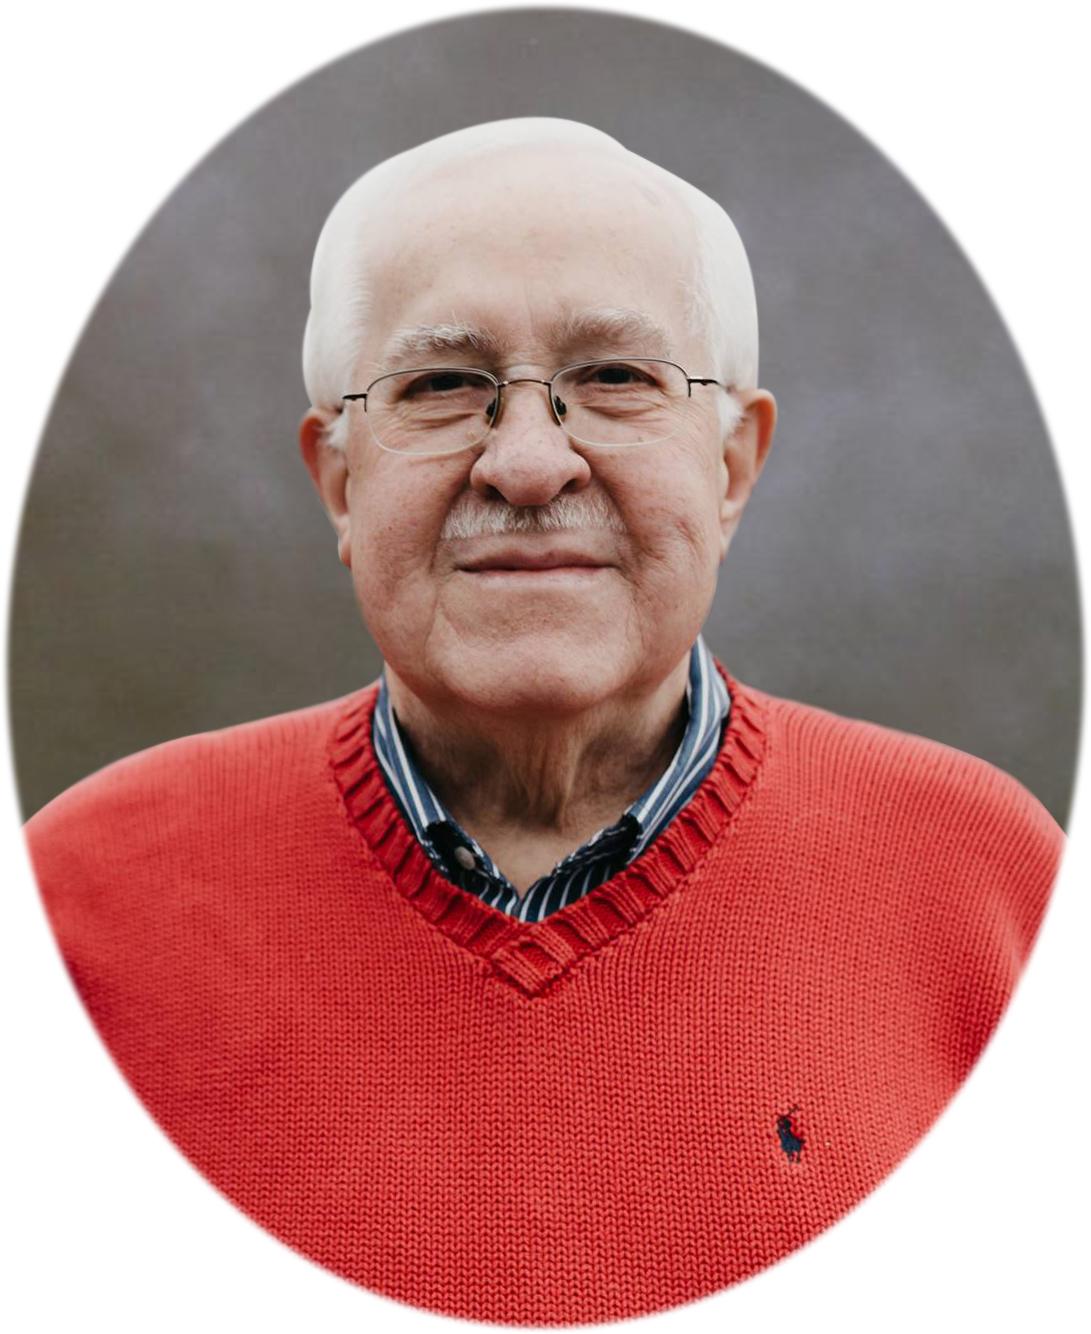 Dennis C. Ortner